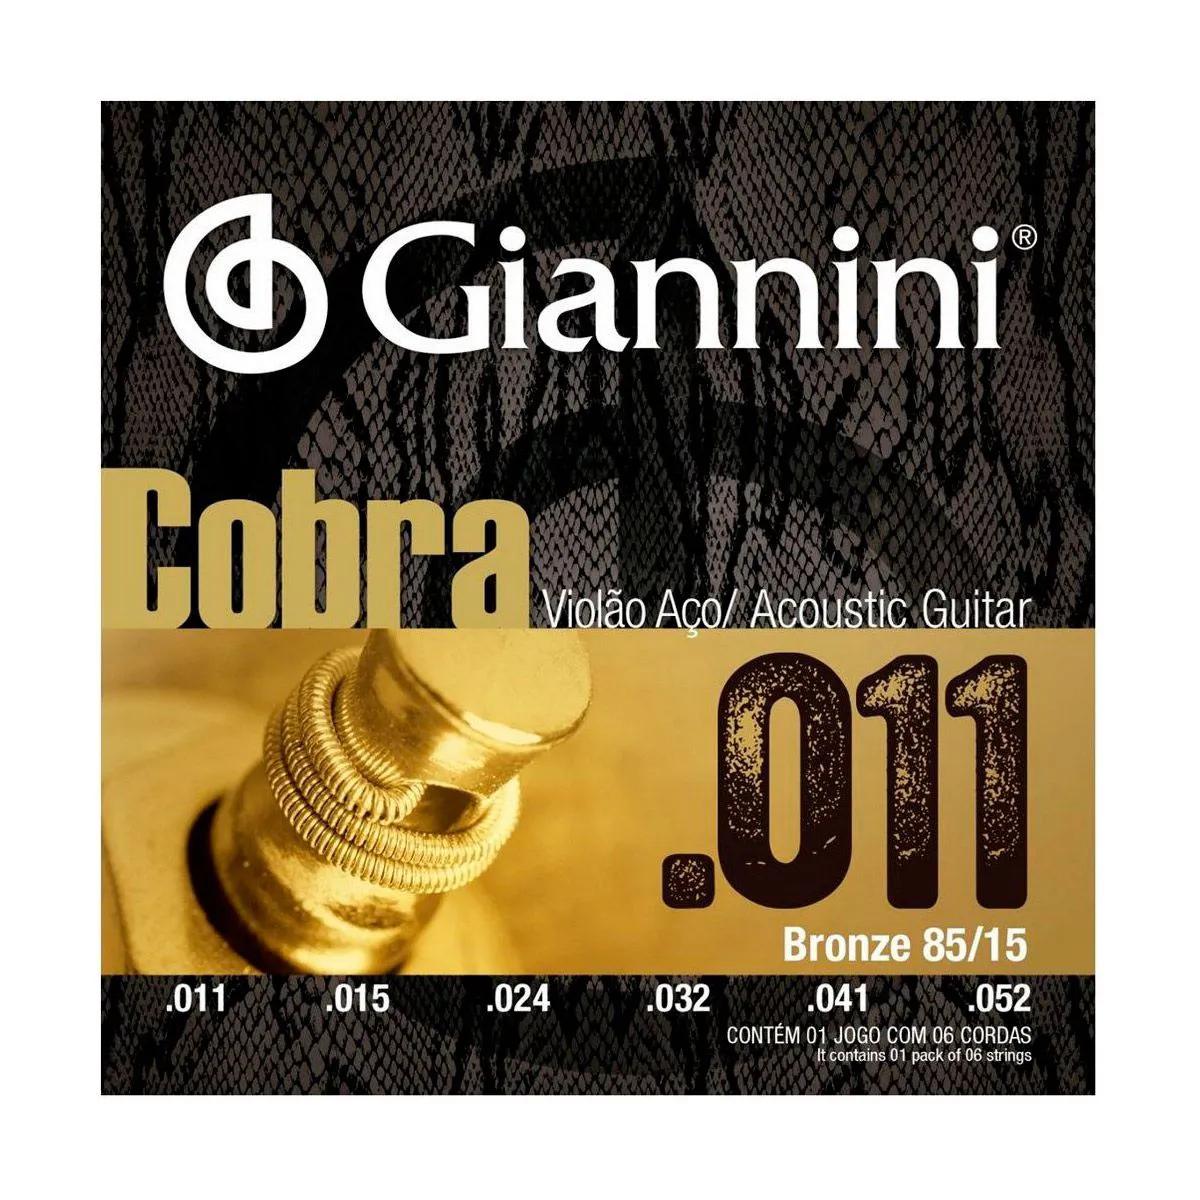 Encordoamento Giannini GEEFLK .011/.052 para Violão Aço